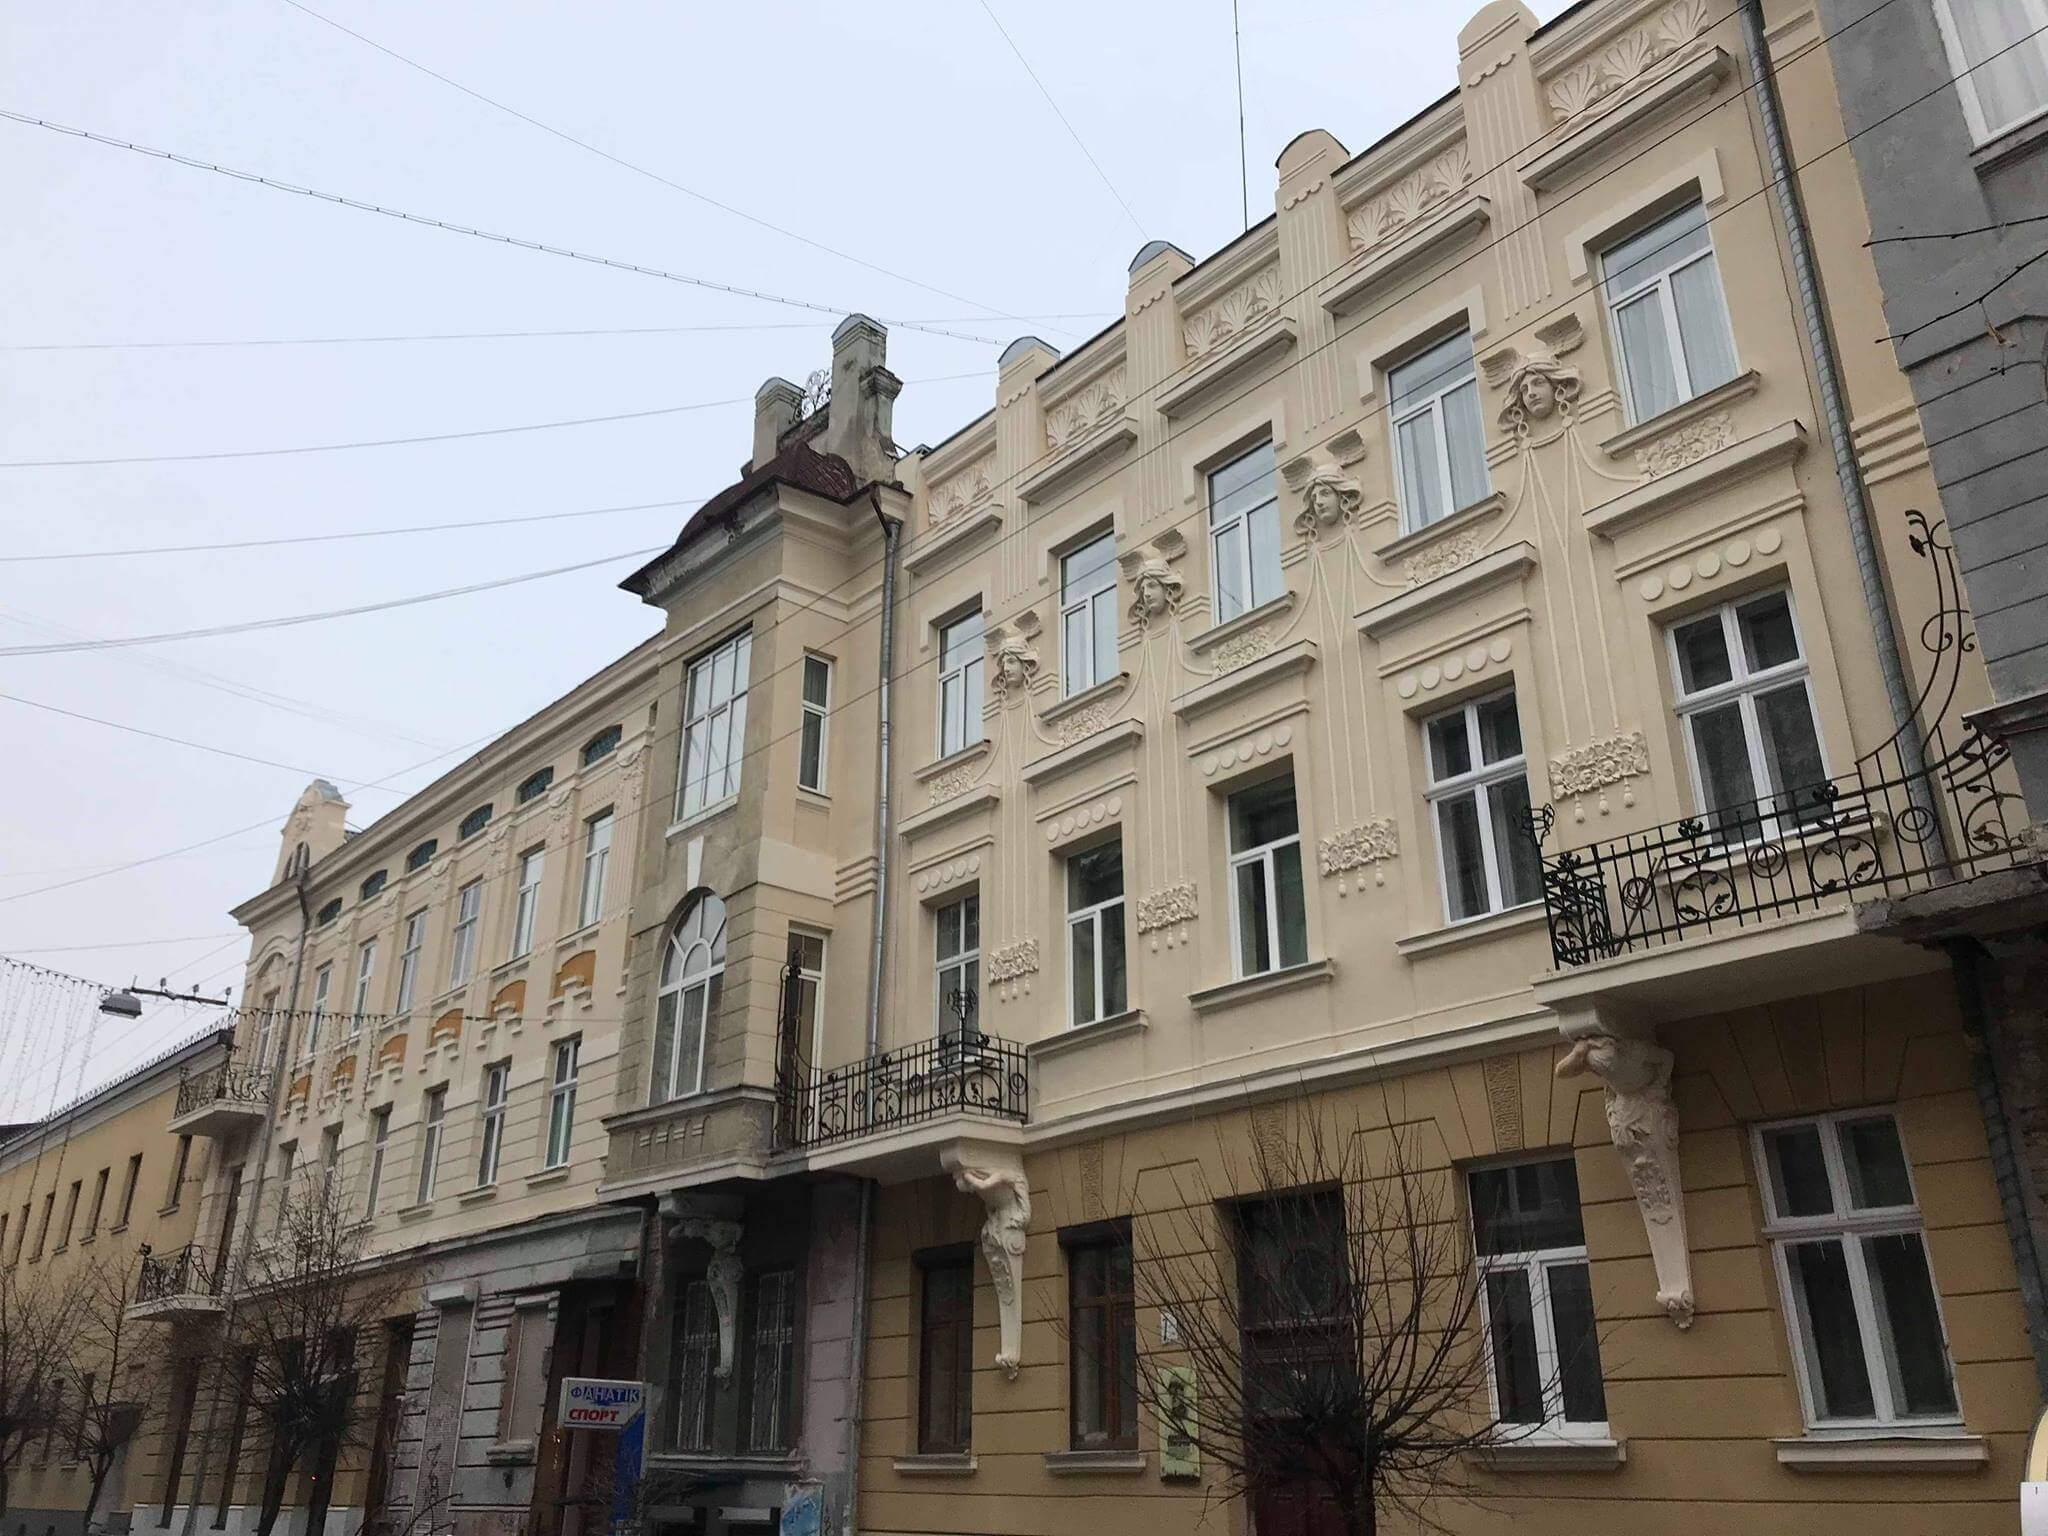 У центрі міста з'явилися ще одна відреставрована архітектурна пам'ятка (фоторепортаж)